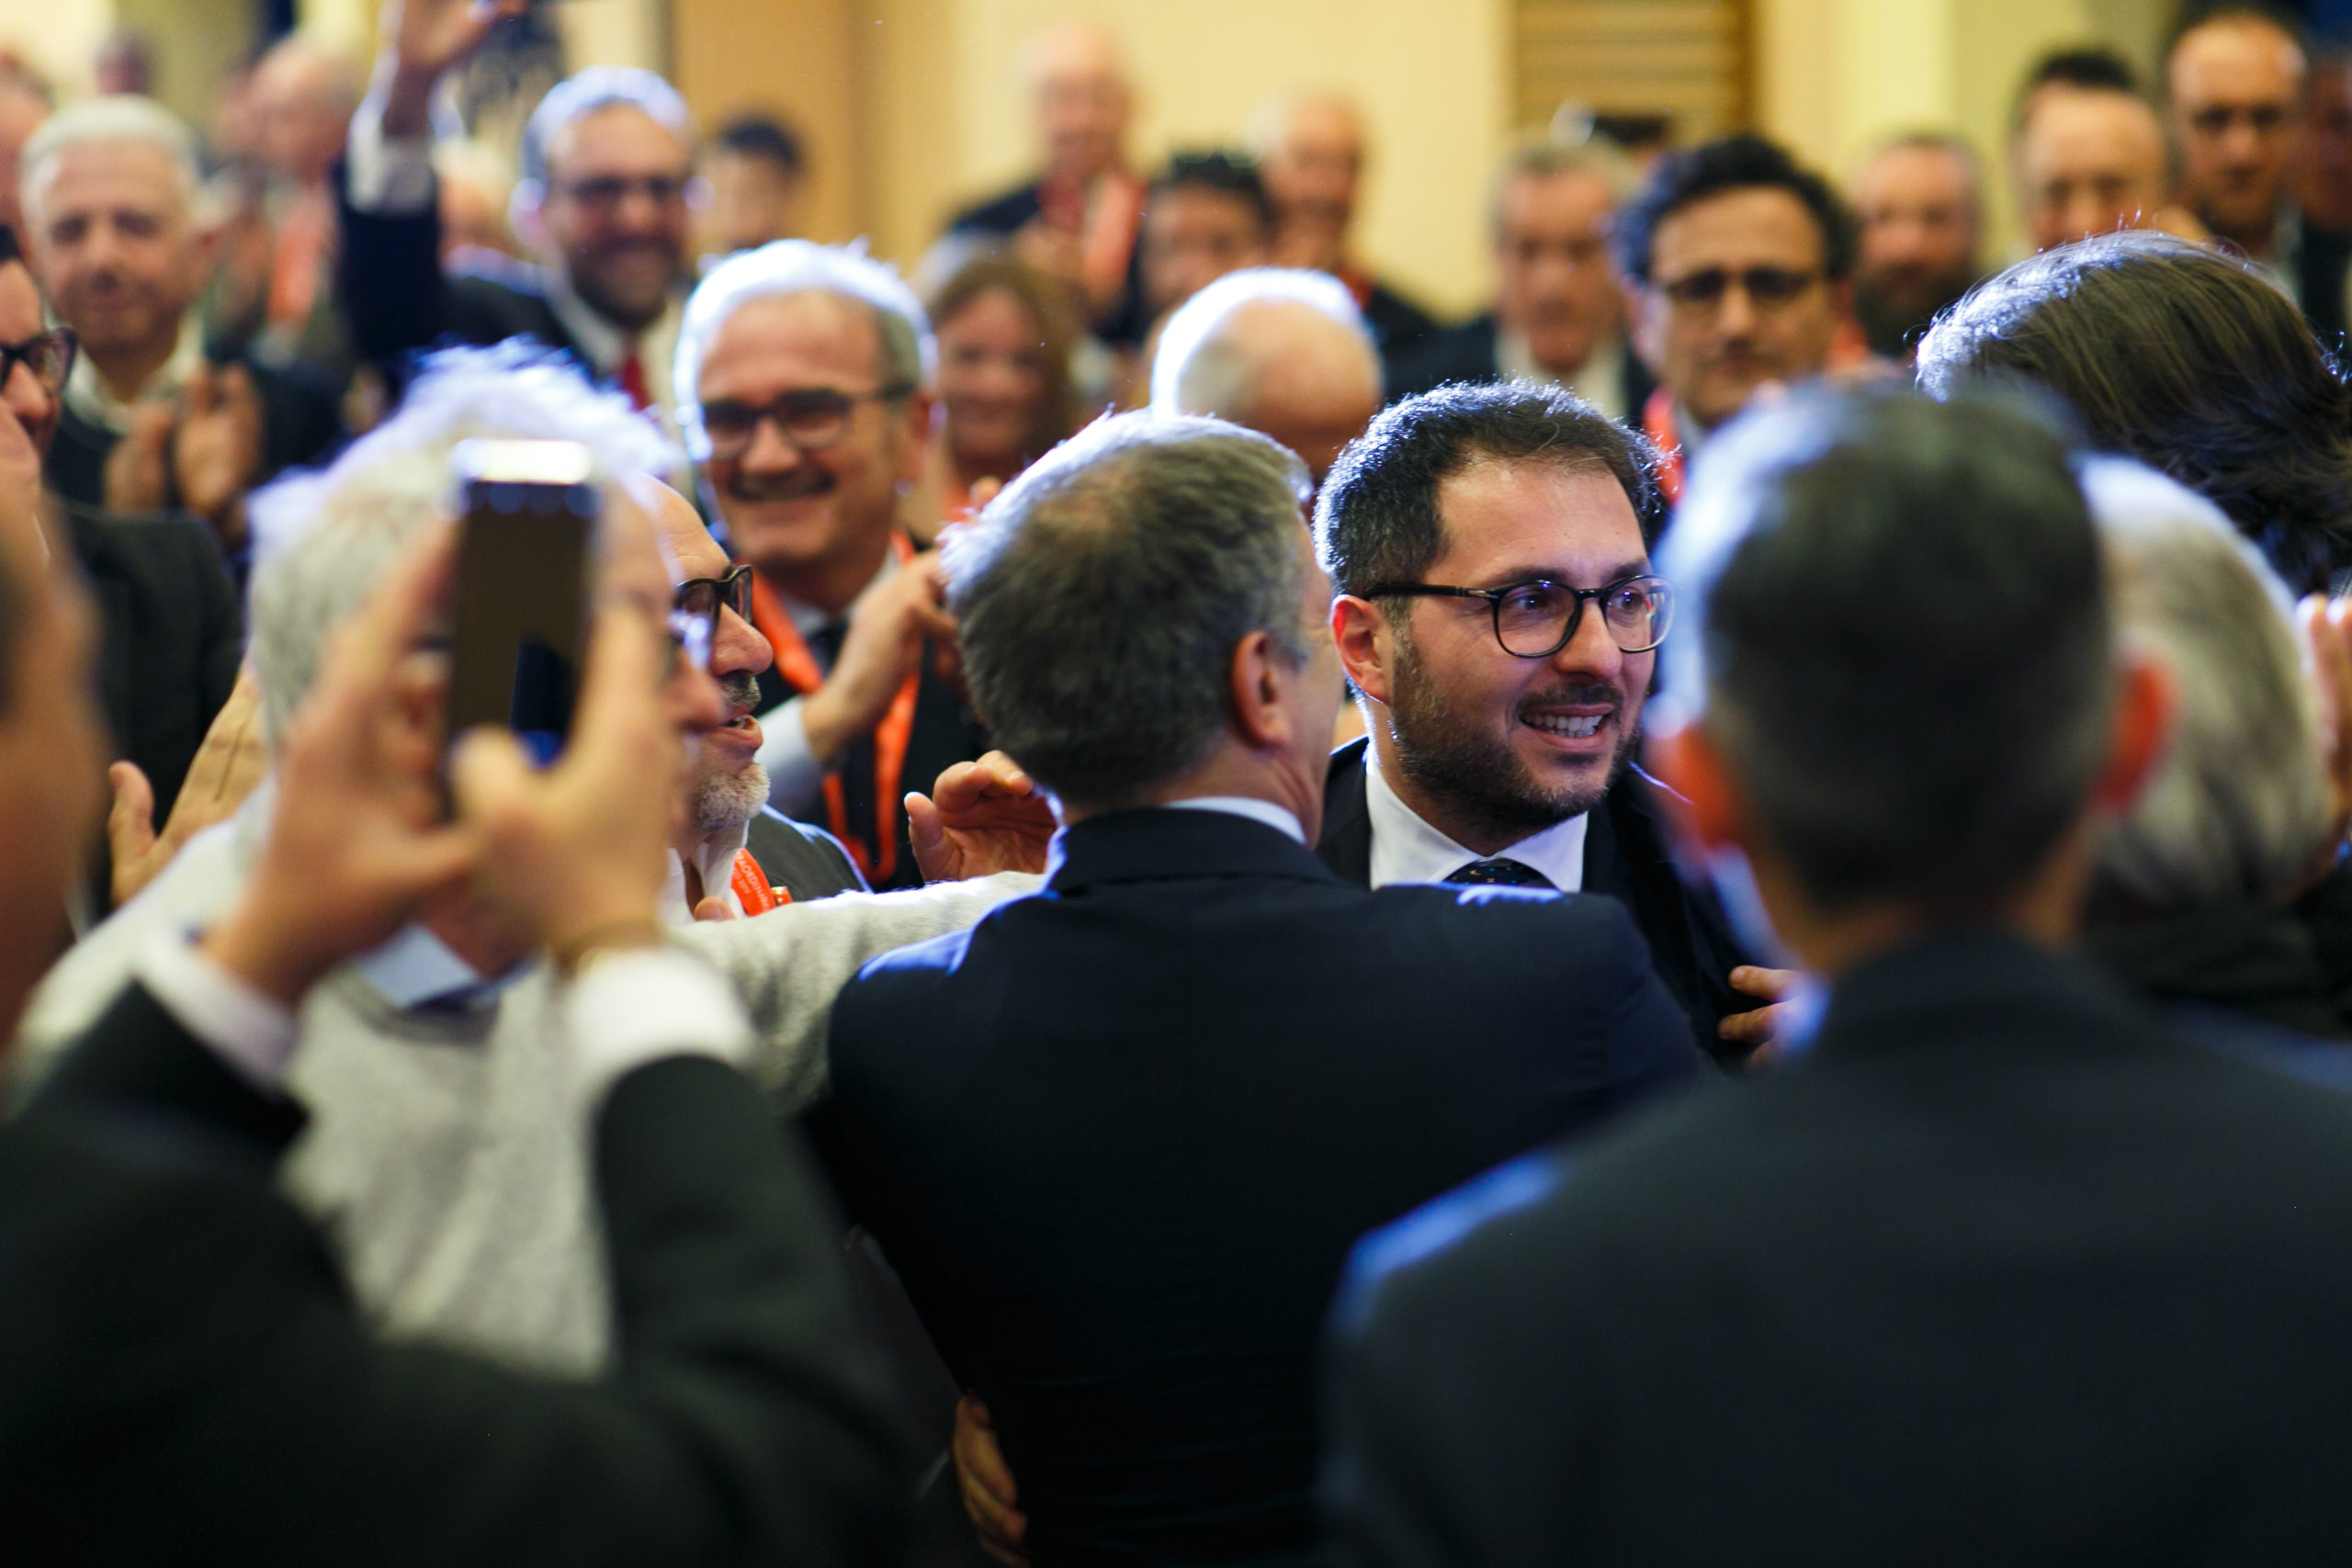 https://www.enzomaraio.it/wp-content/uploads/2020/02/Congresso-PSI-2019-Alta-Risoluzione-776-scaled.jpg